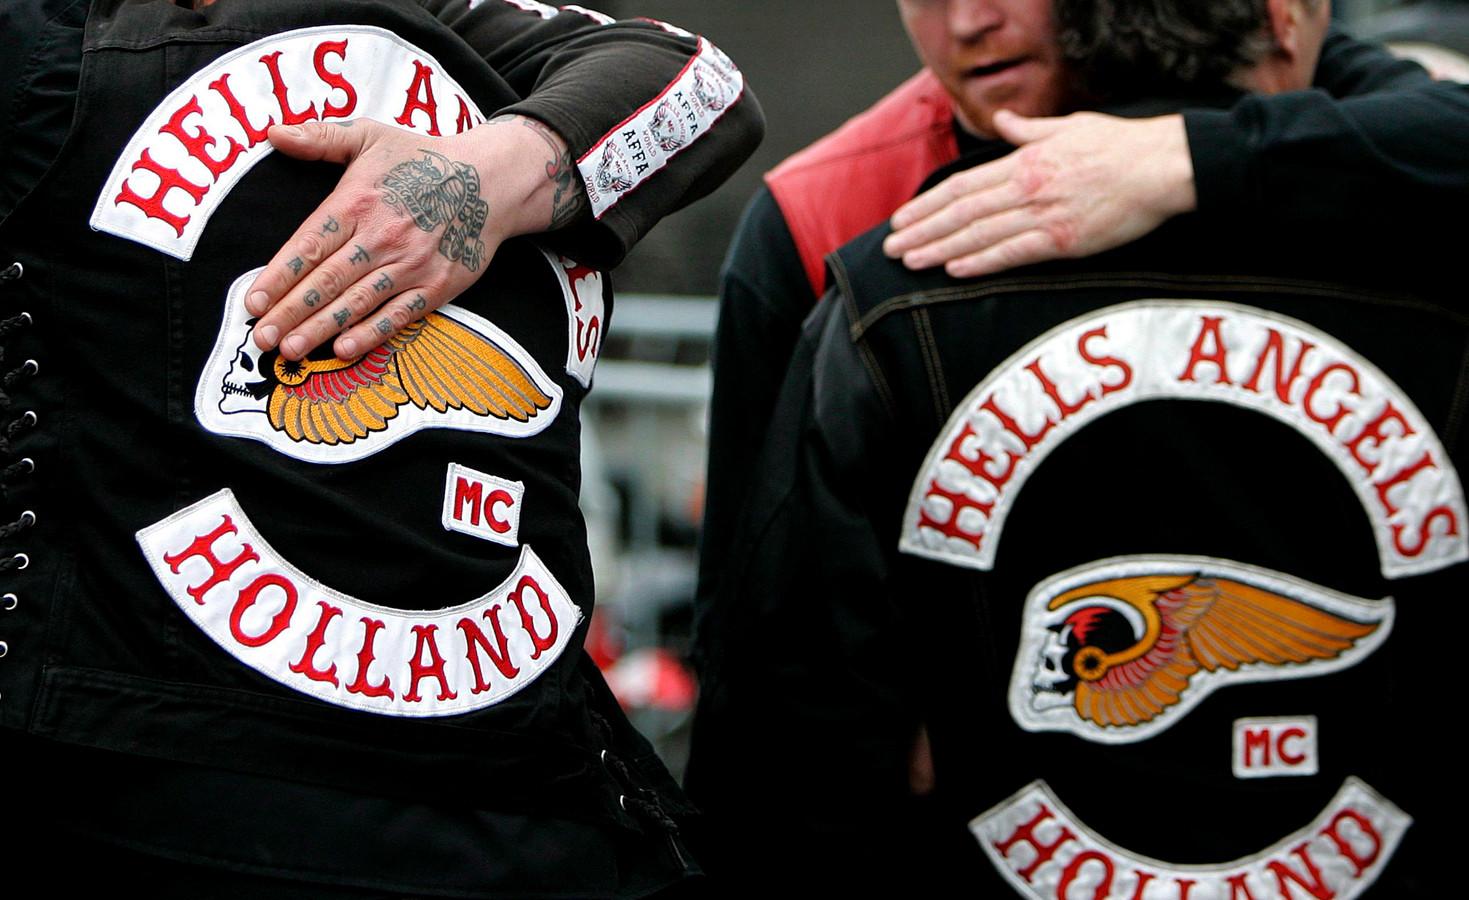 Leden van motorclub Hells Angels omhelzen elkaar.